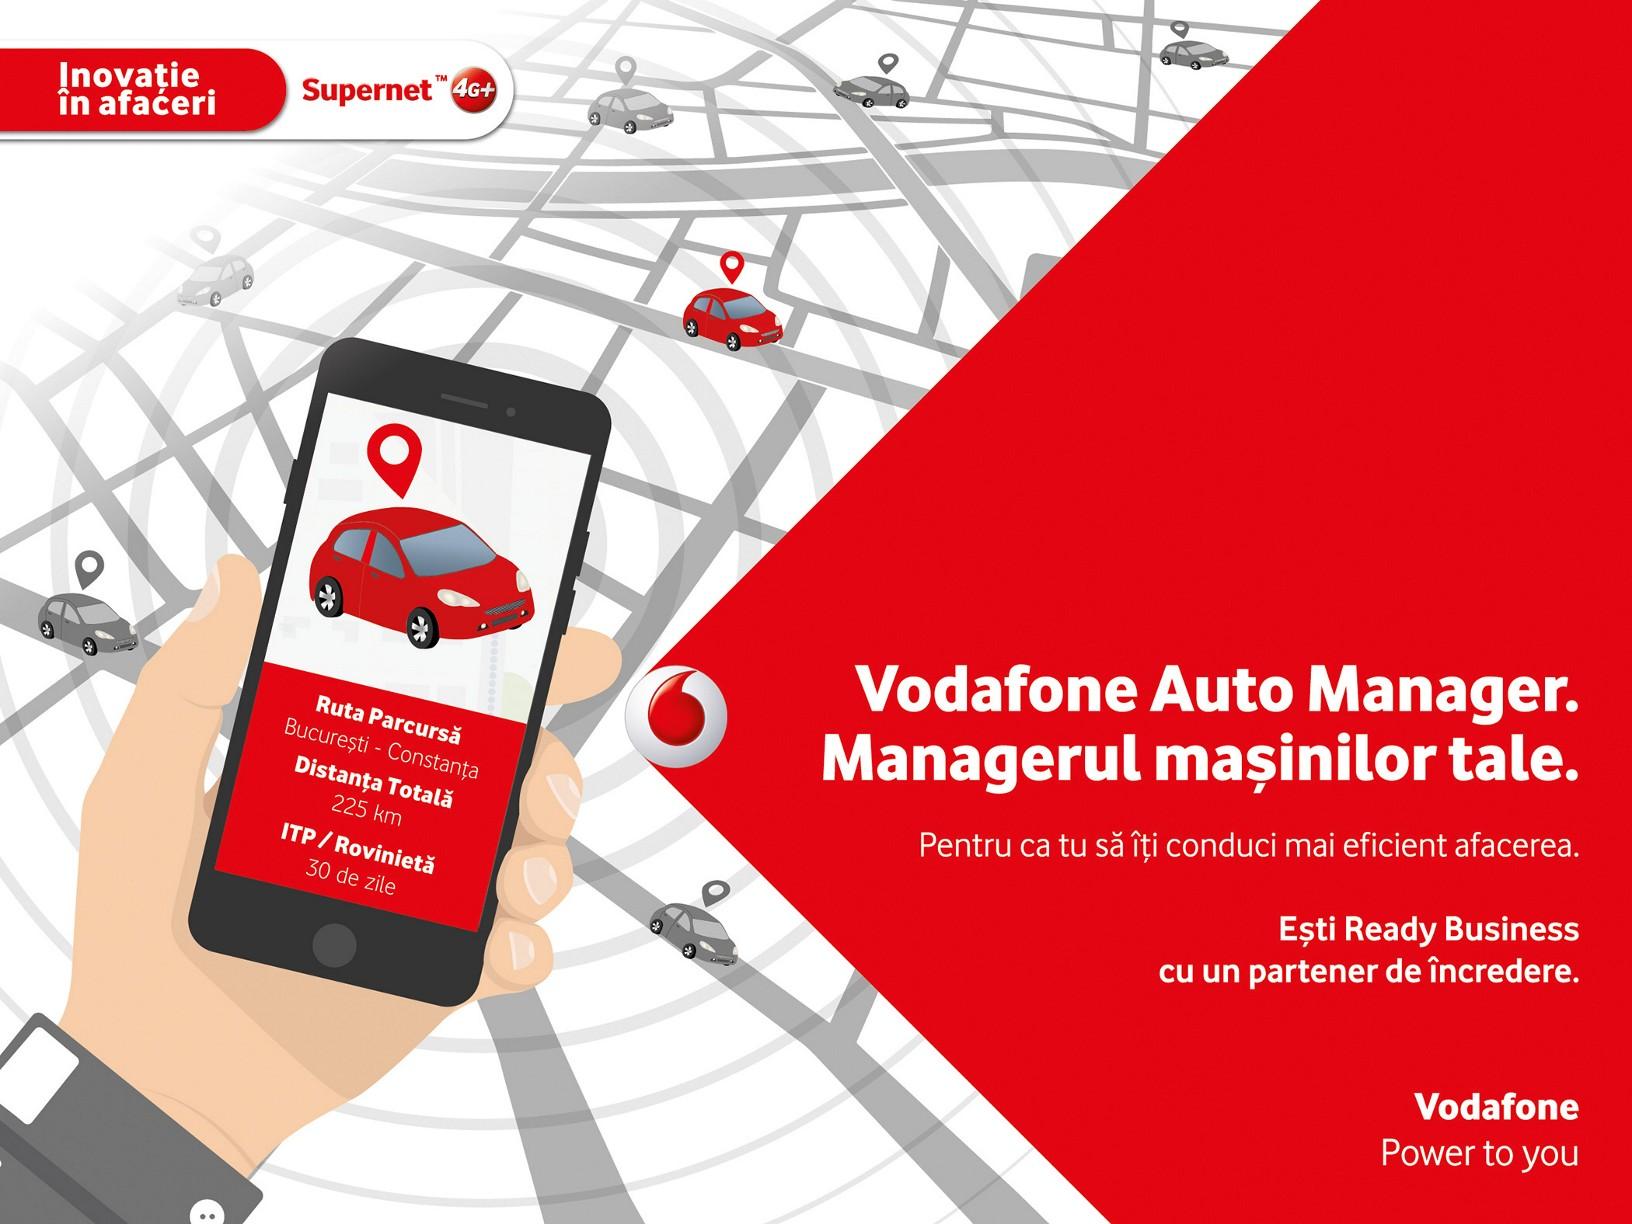 Ce soluție lansează Vodafone pentru monitorizarea flotelor auto